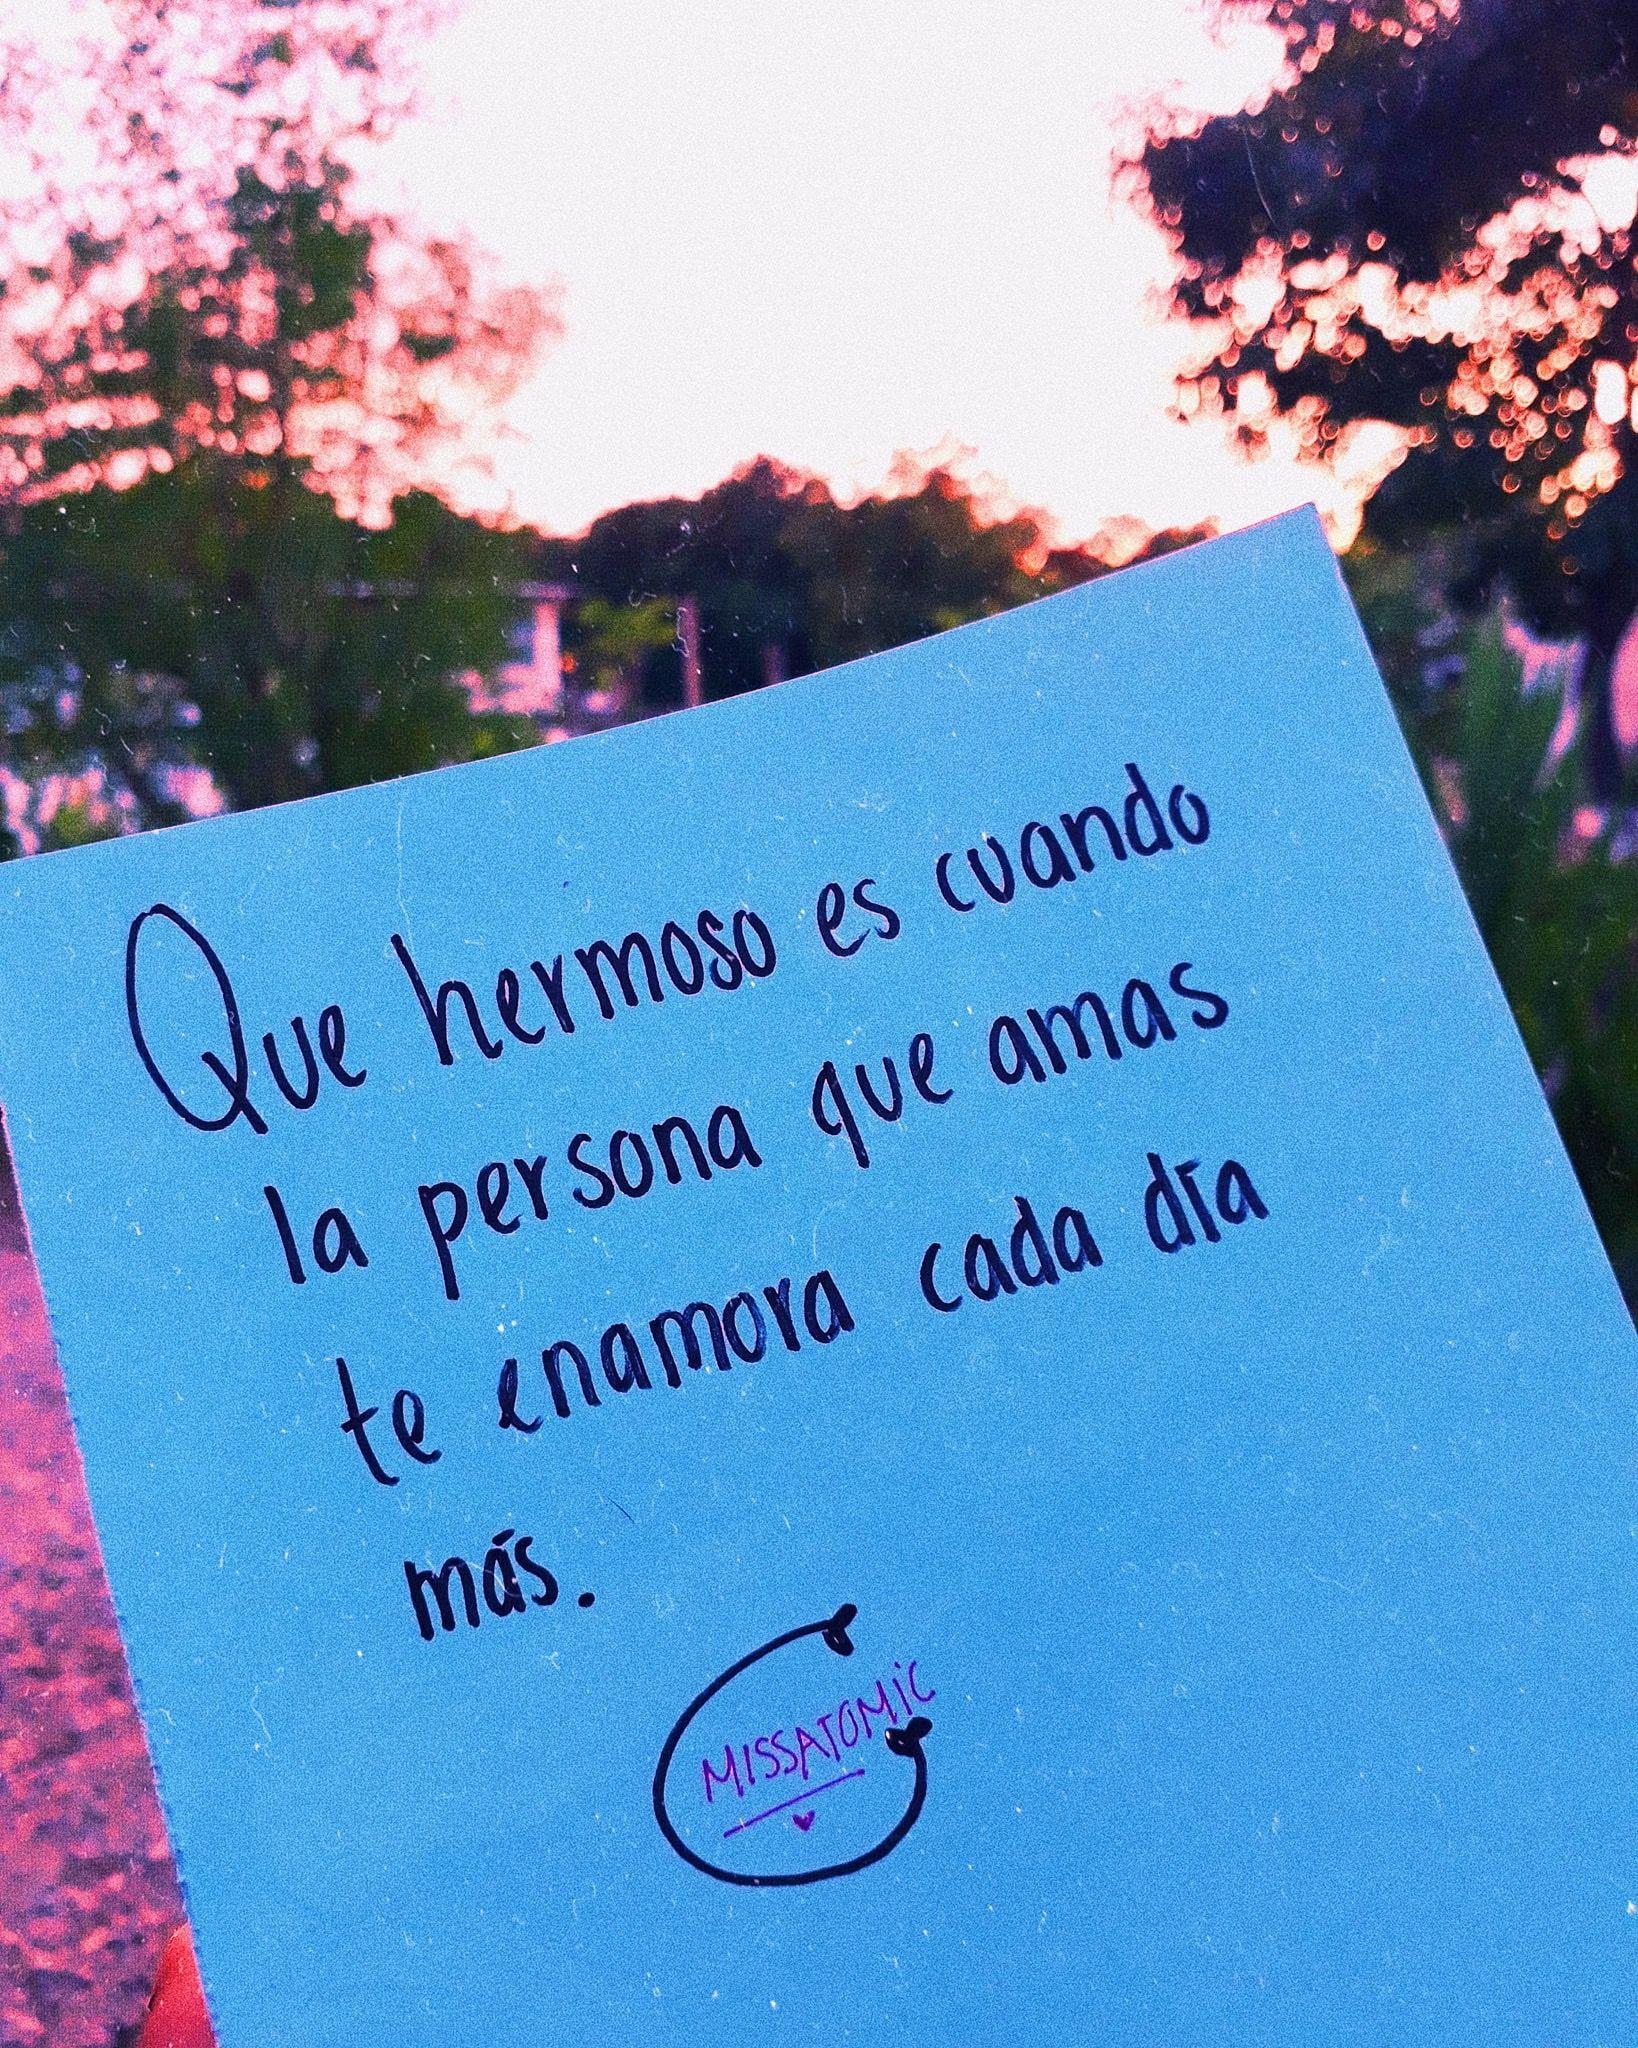 Amor Verdadero Frases De Amor Frases Cursis De Amor Y